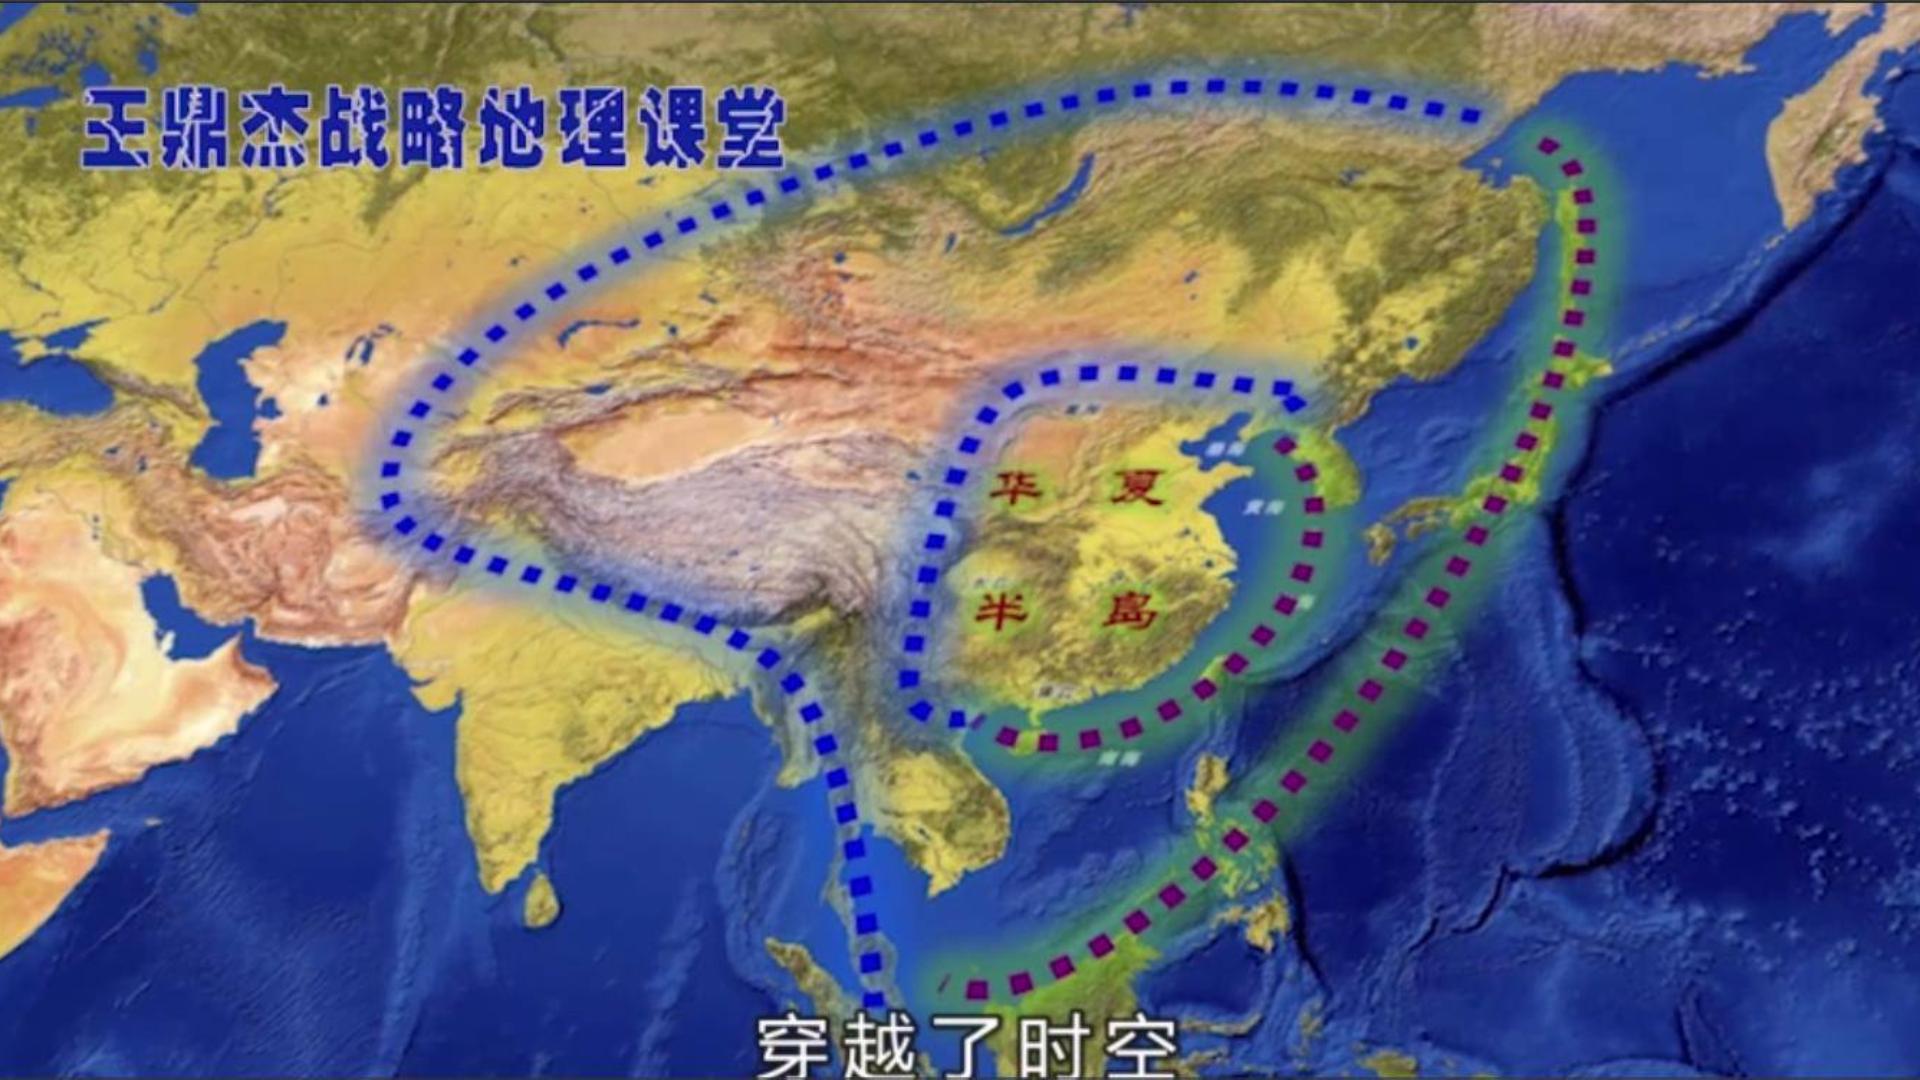 【王鼎杰战略地理课堂】中国是大陆国家吗?穿越时空看祖先是如何划定的